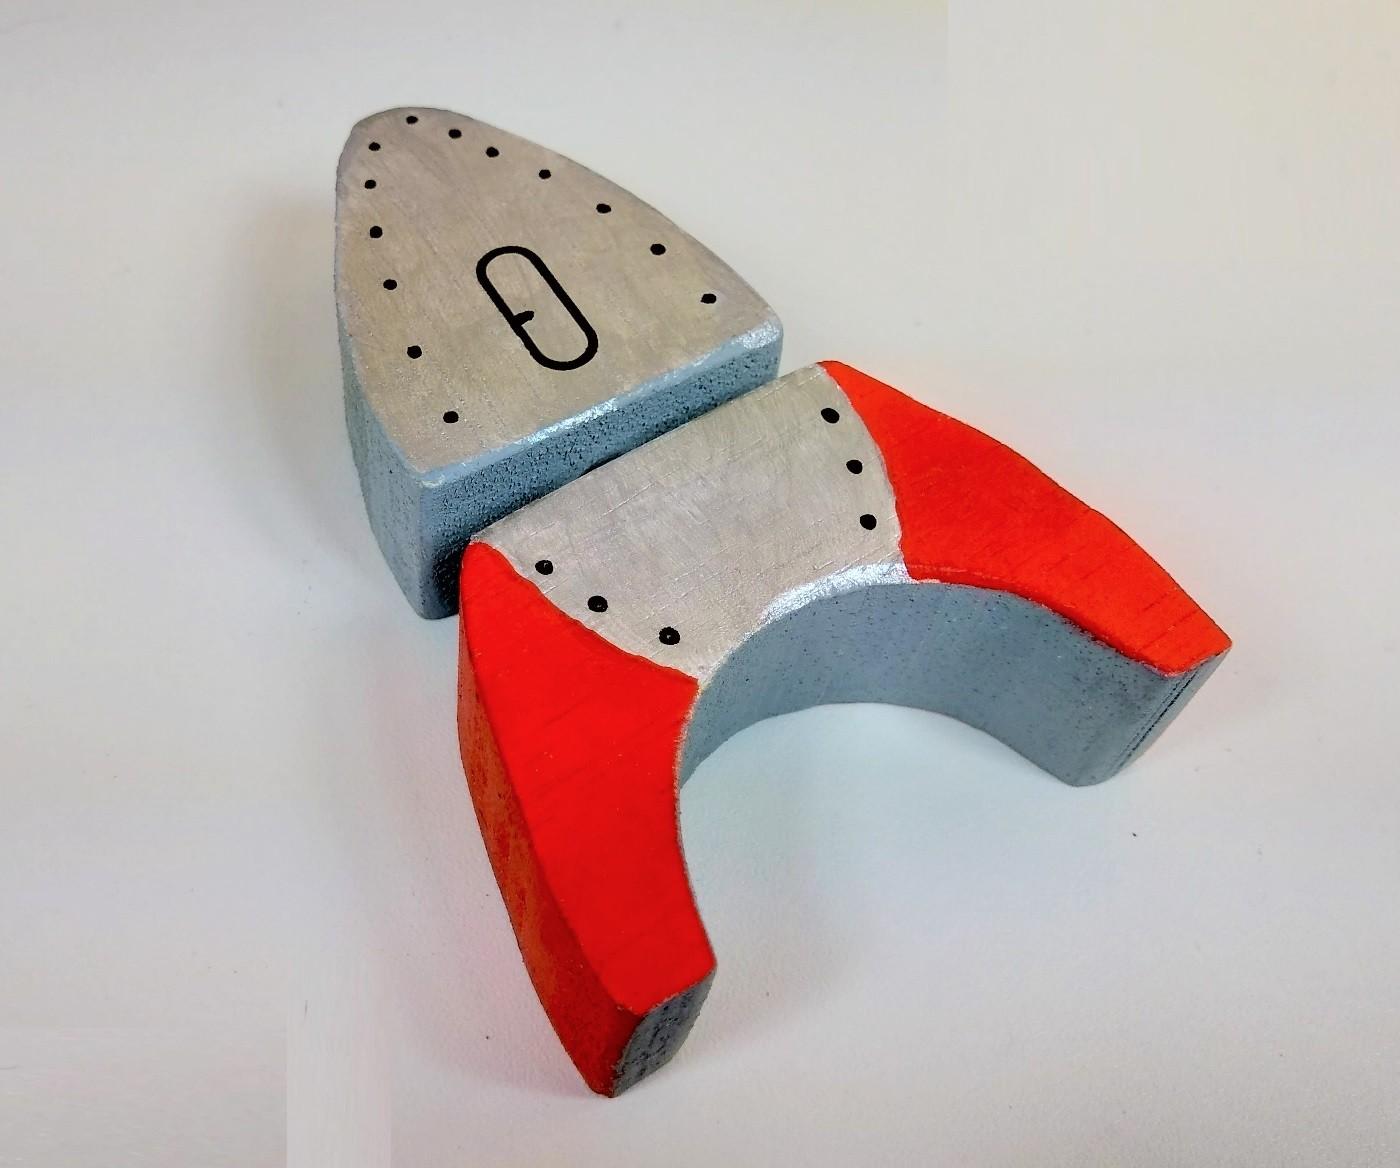 Brinquedo de madeira - Foguete de 3 Módulos Conectáveis, da Cute Cubes - Cód. CC101